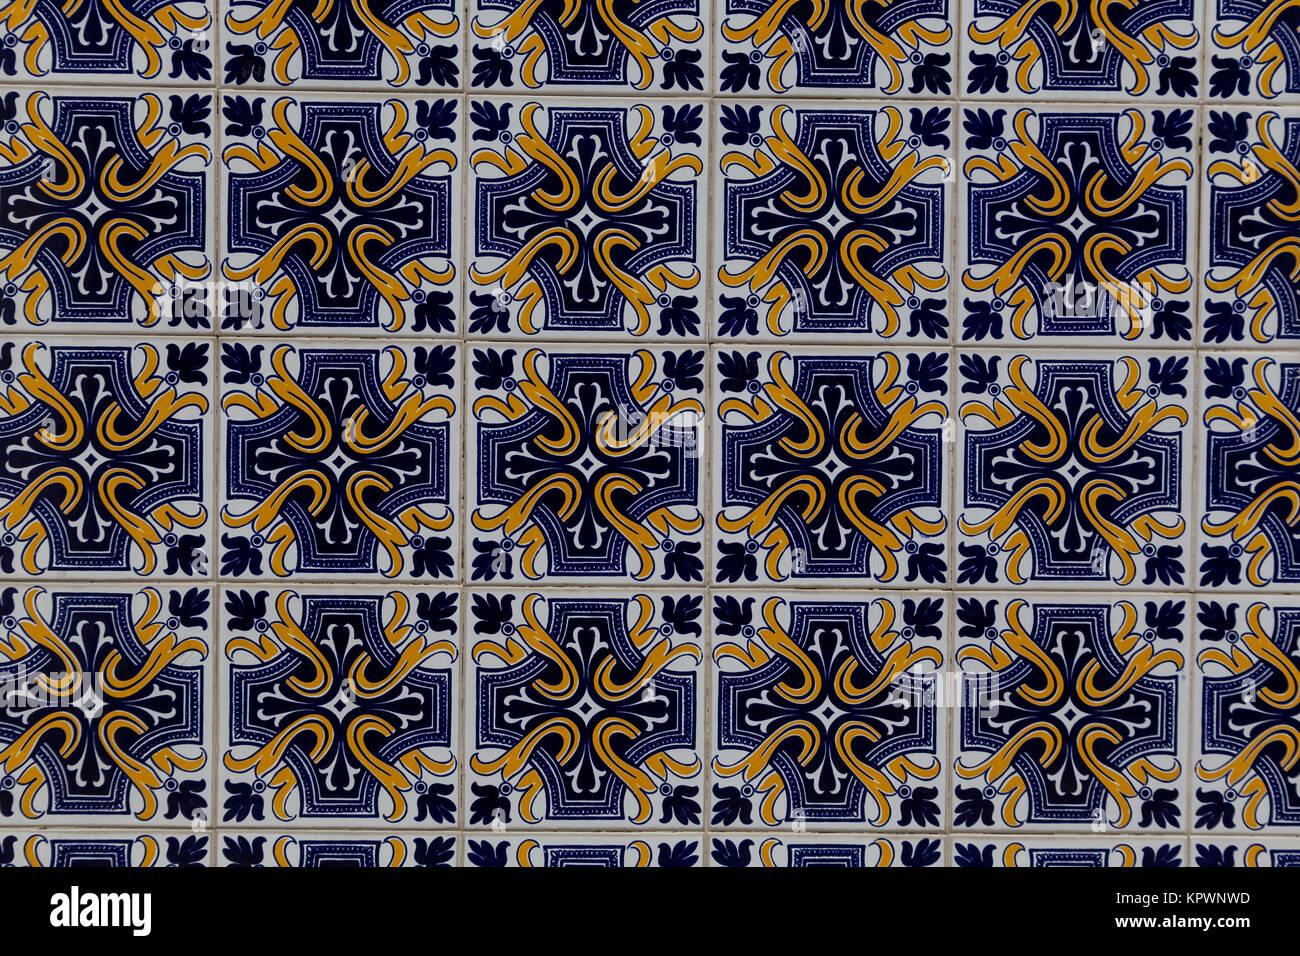 Tradizionali Piastrelle Azulejos